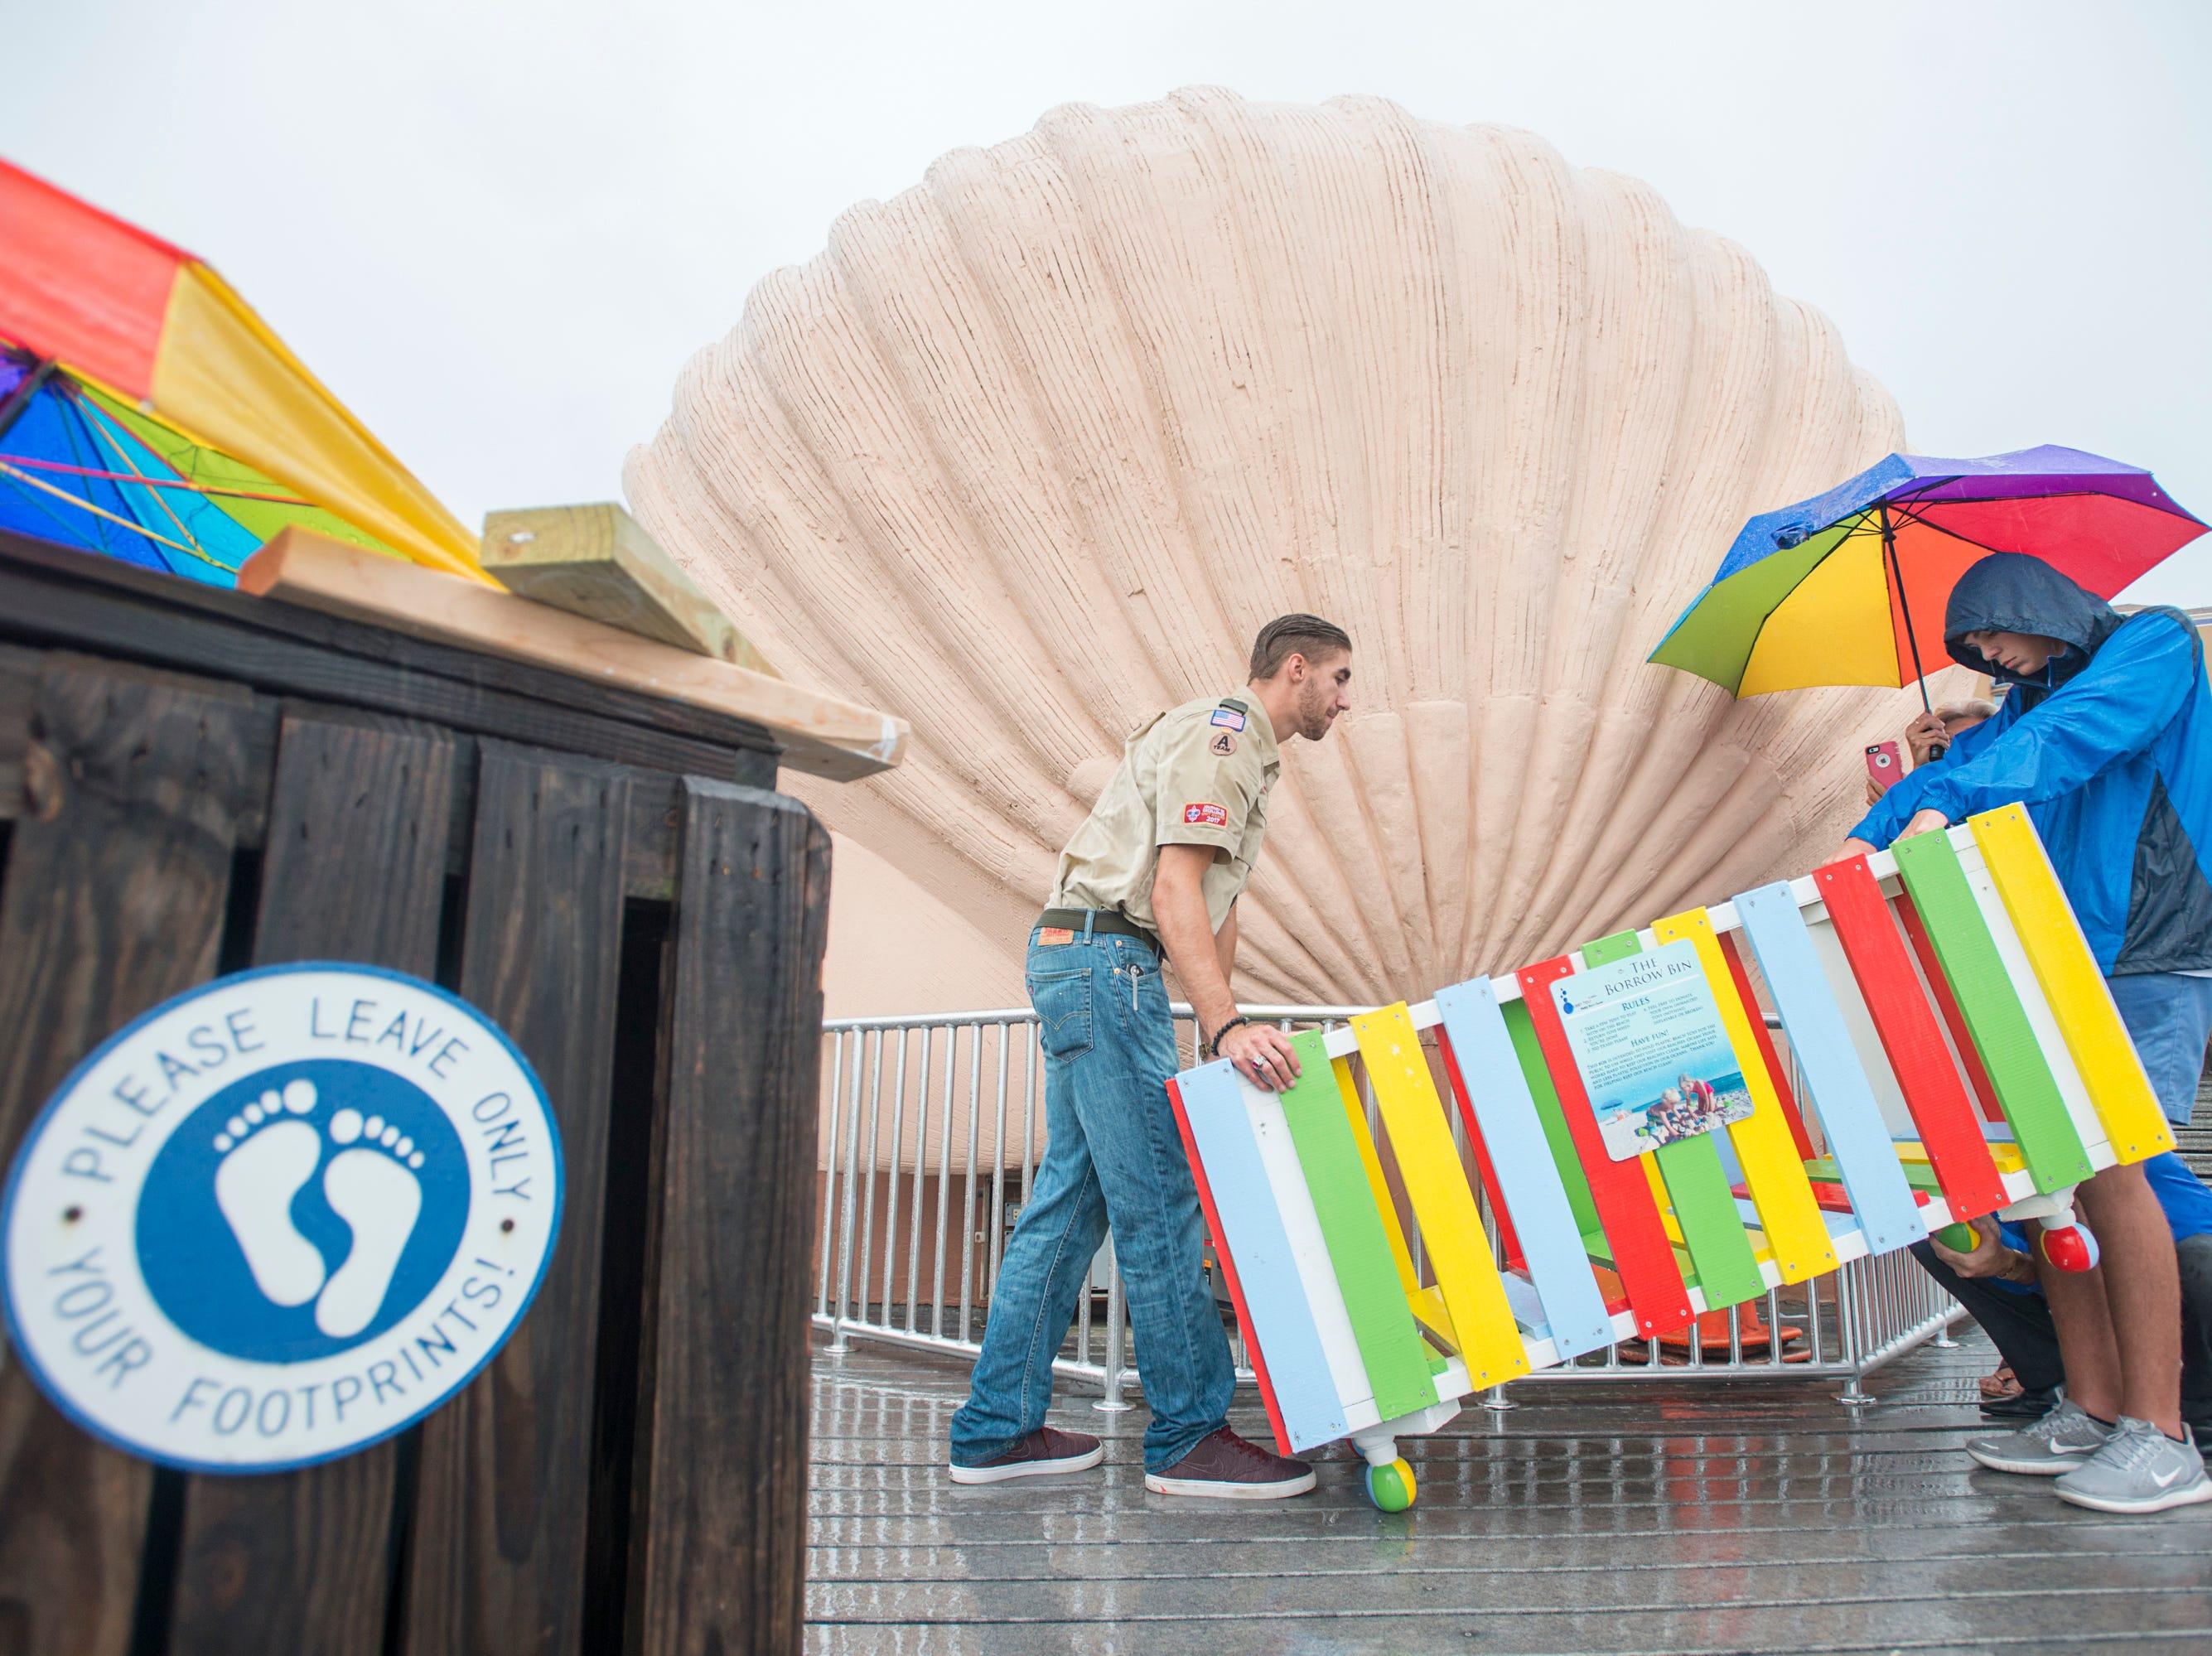 New Pensacola Beach toy borrowing bins aim to keep beach clean